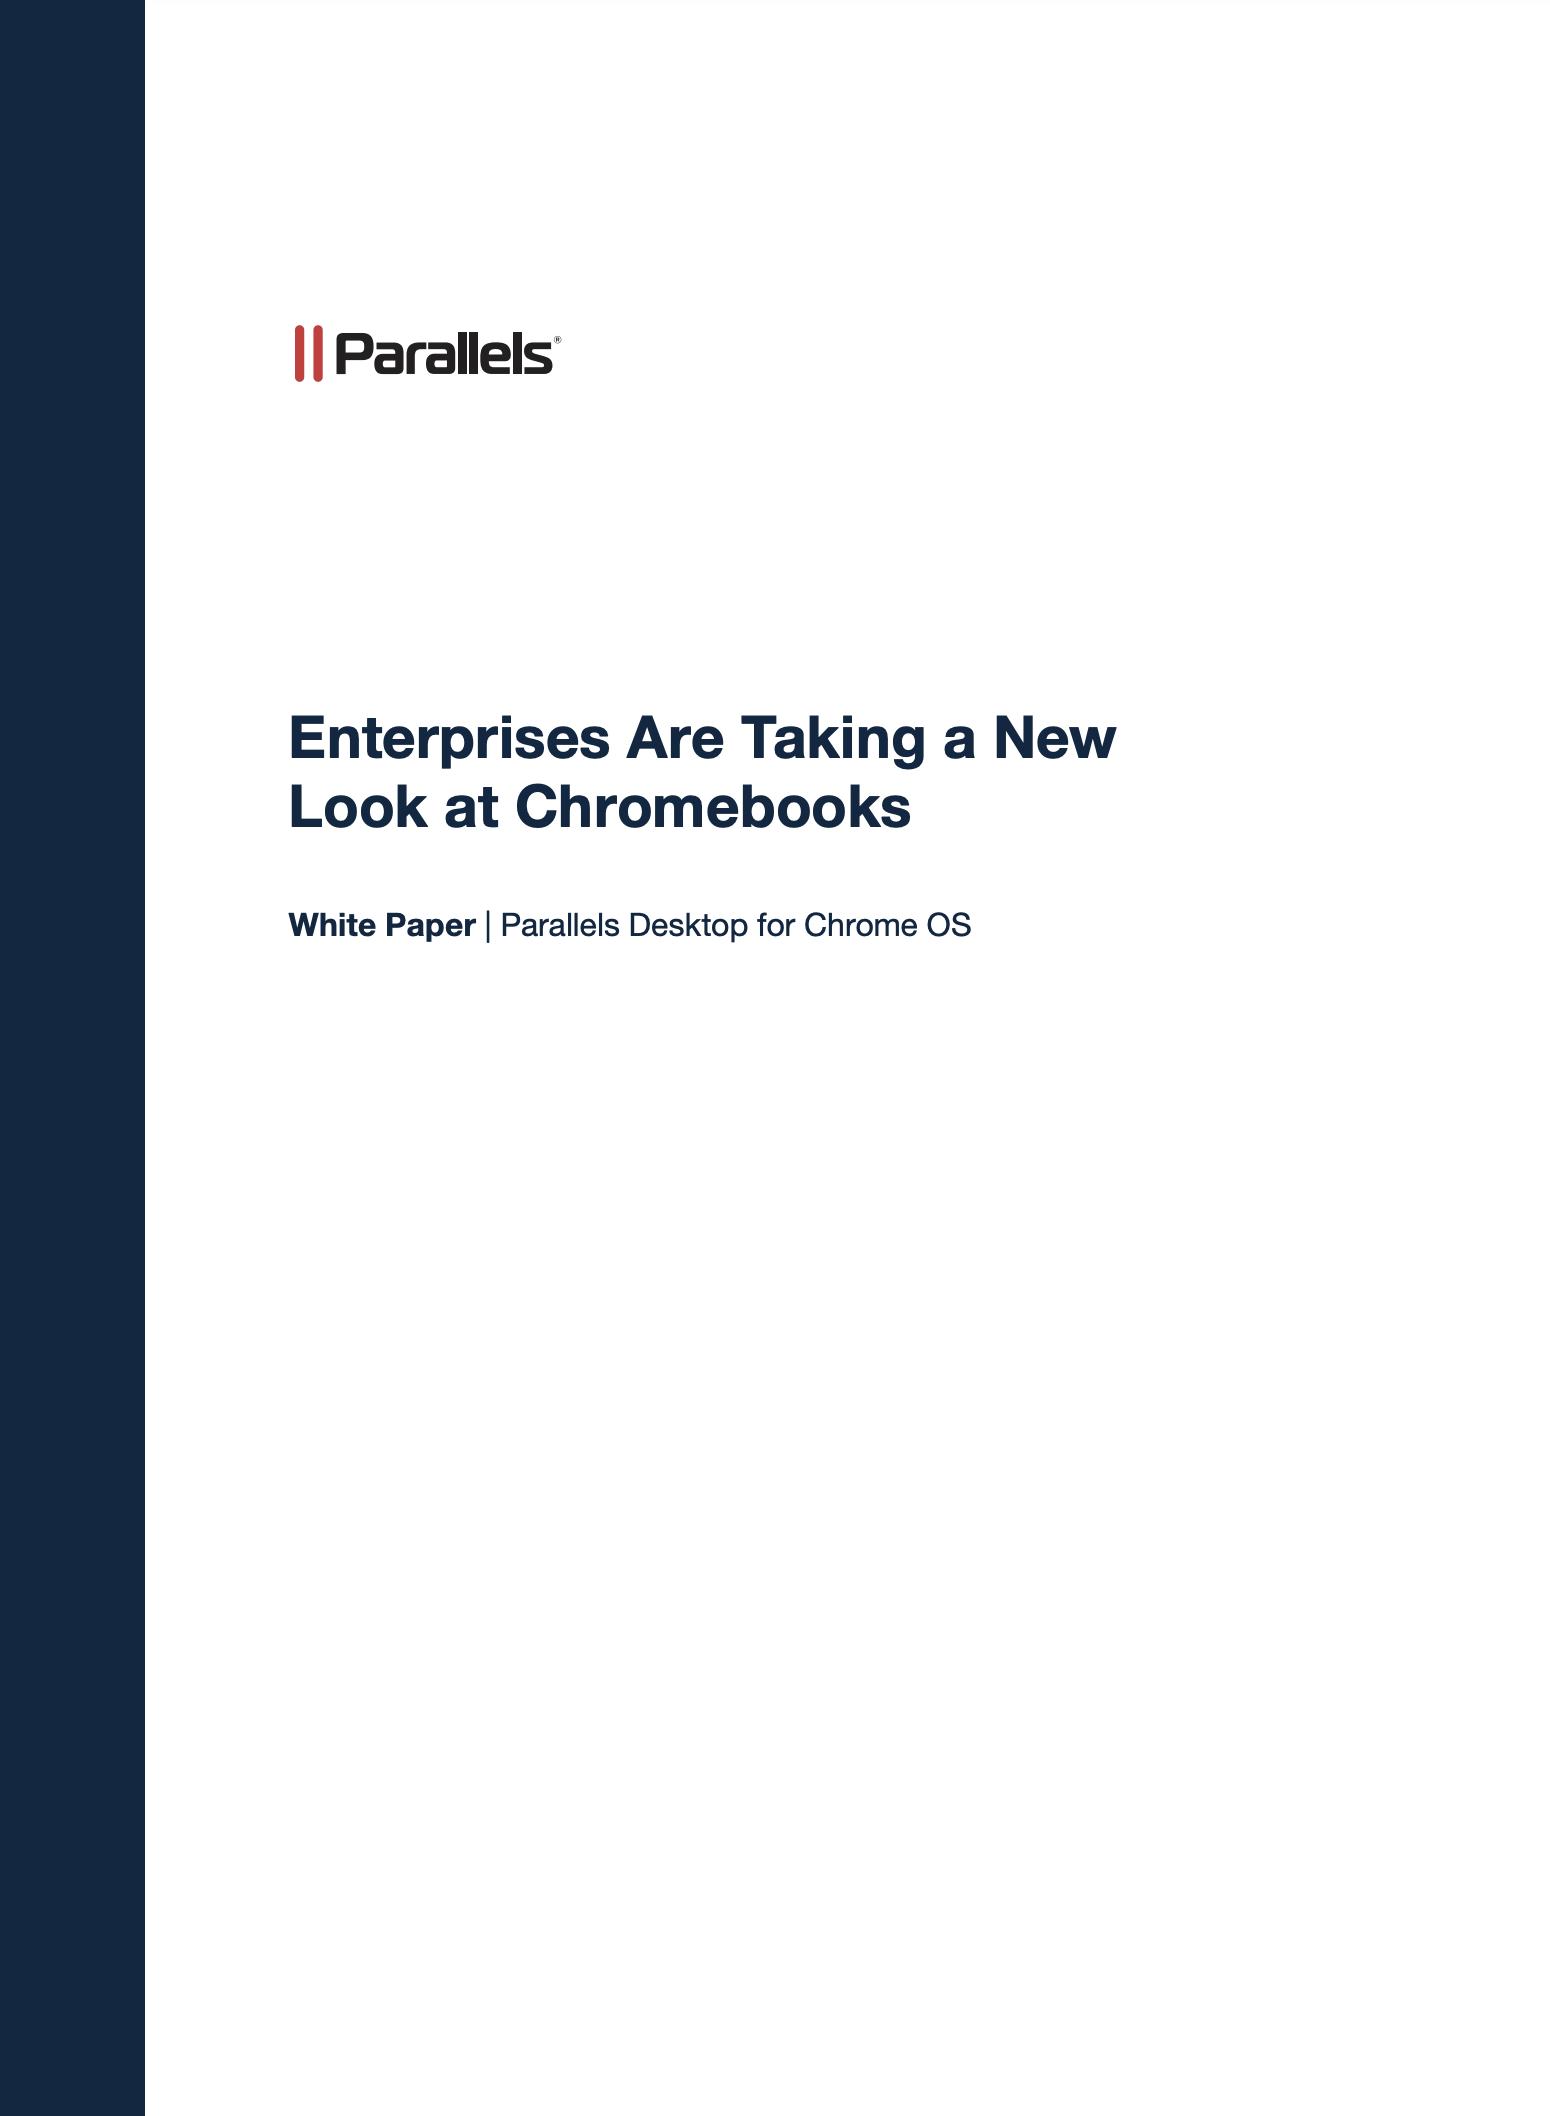 Chromebooks whitepaper